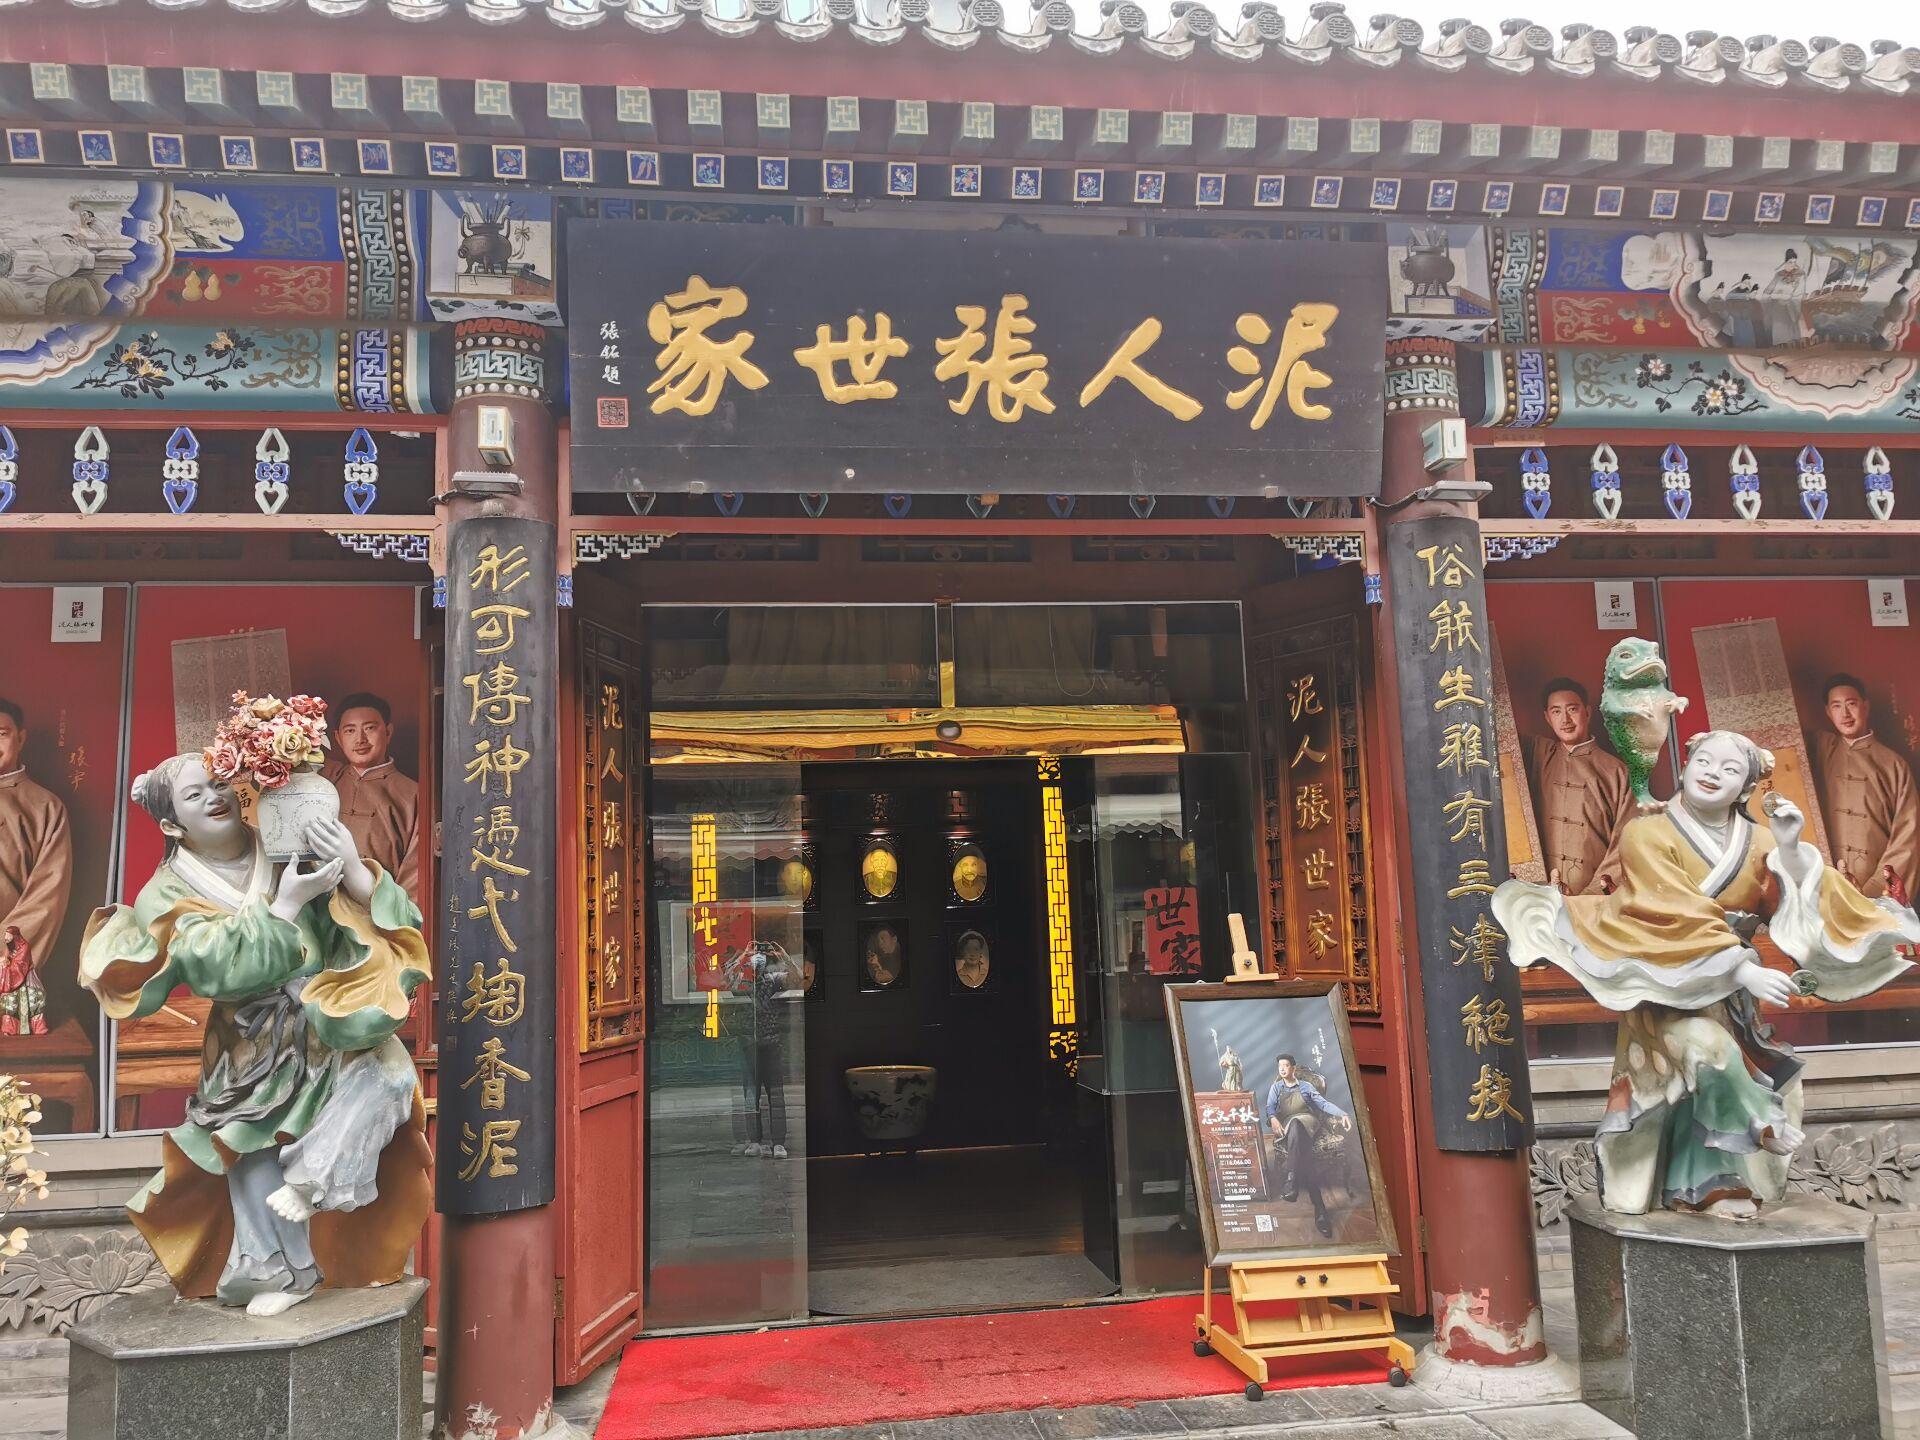 天津古文化街07.jpg